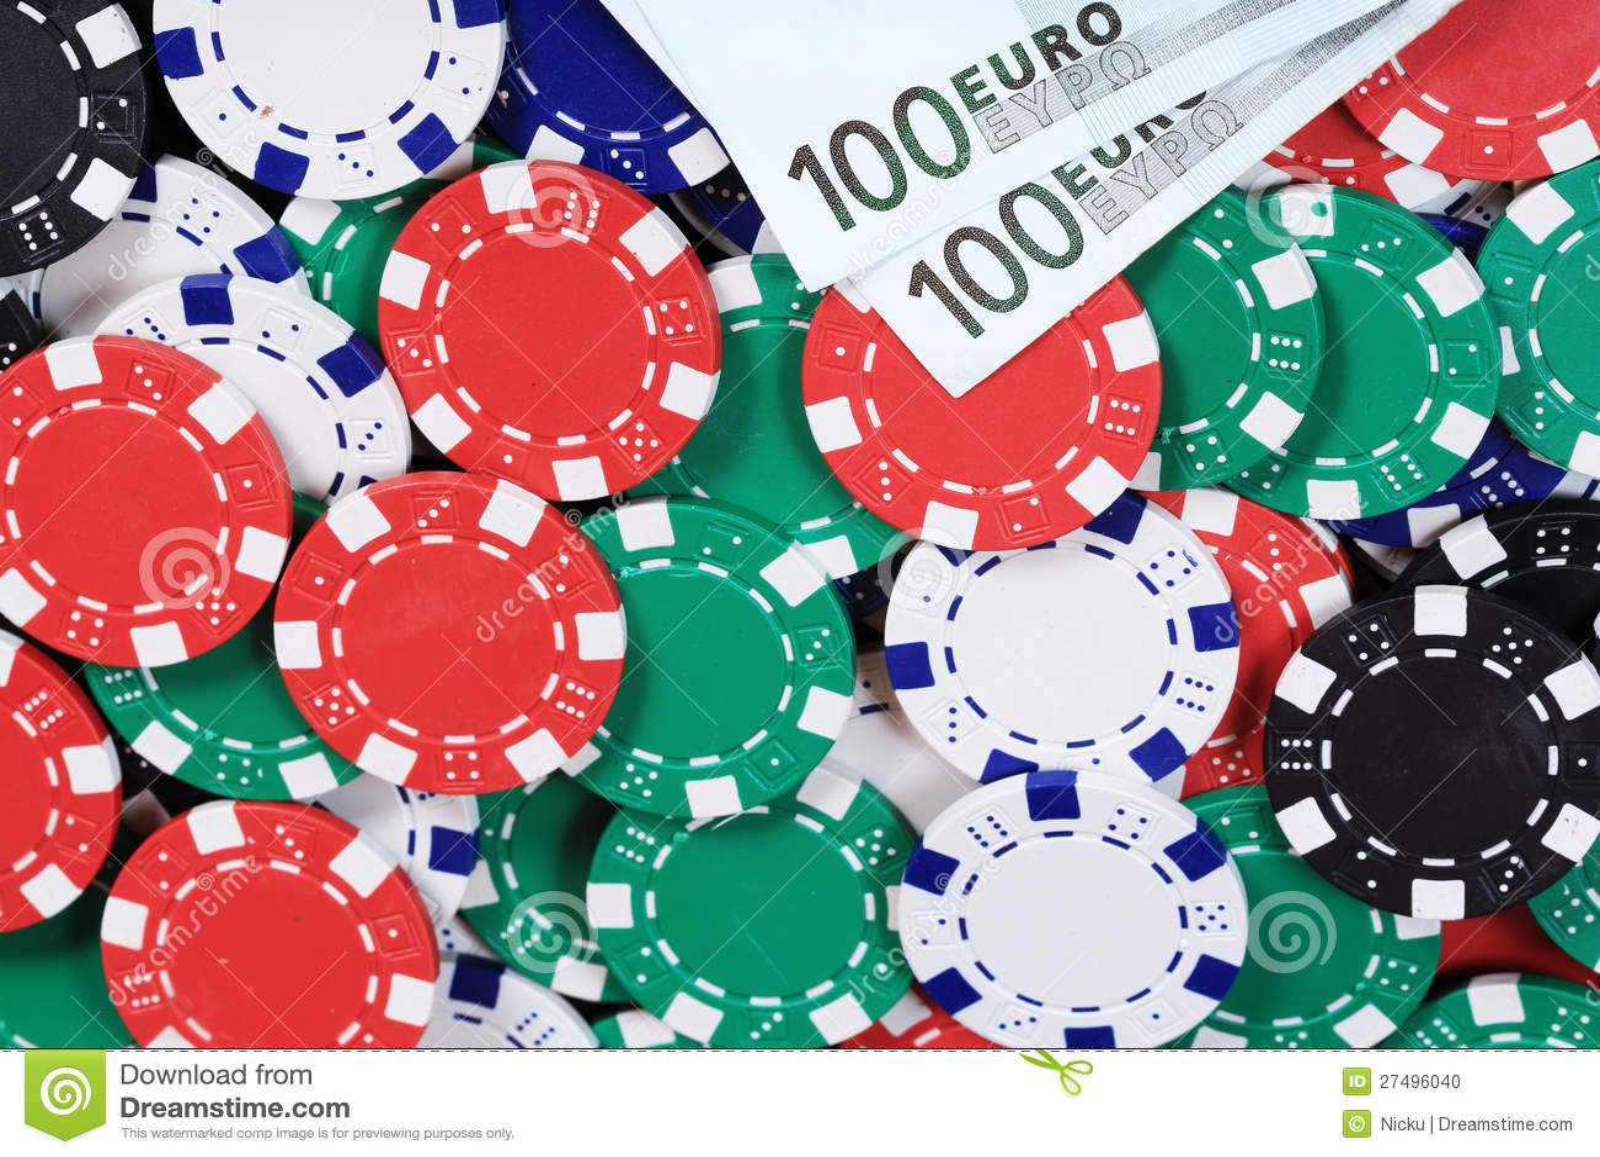 gamble money